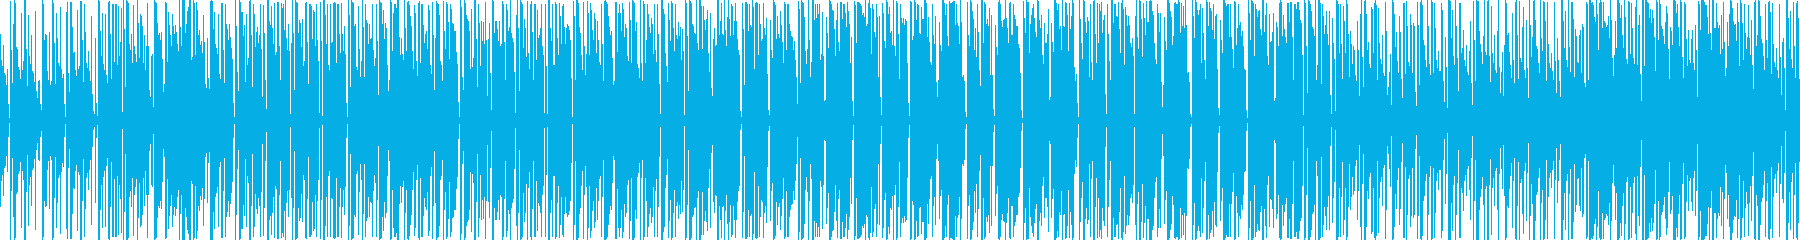 アフリカンビートなレゲエの再生済みの波形